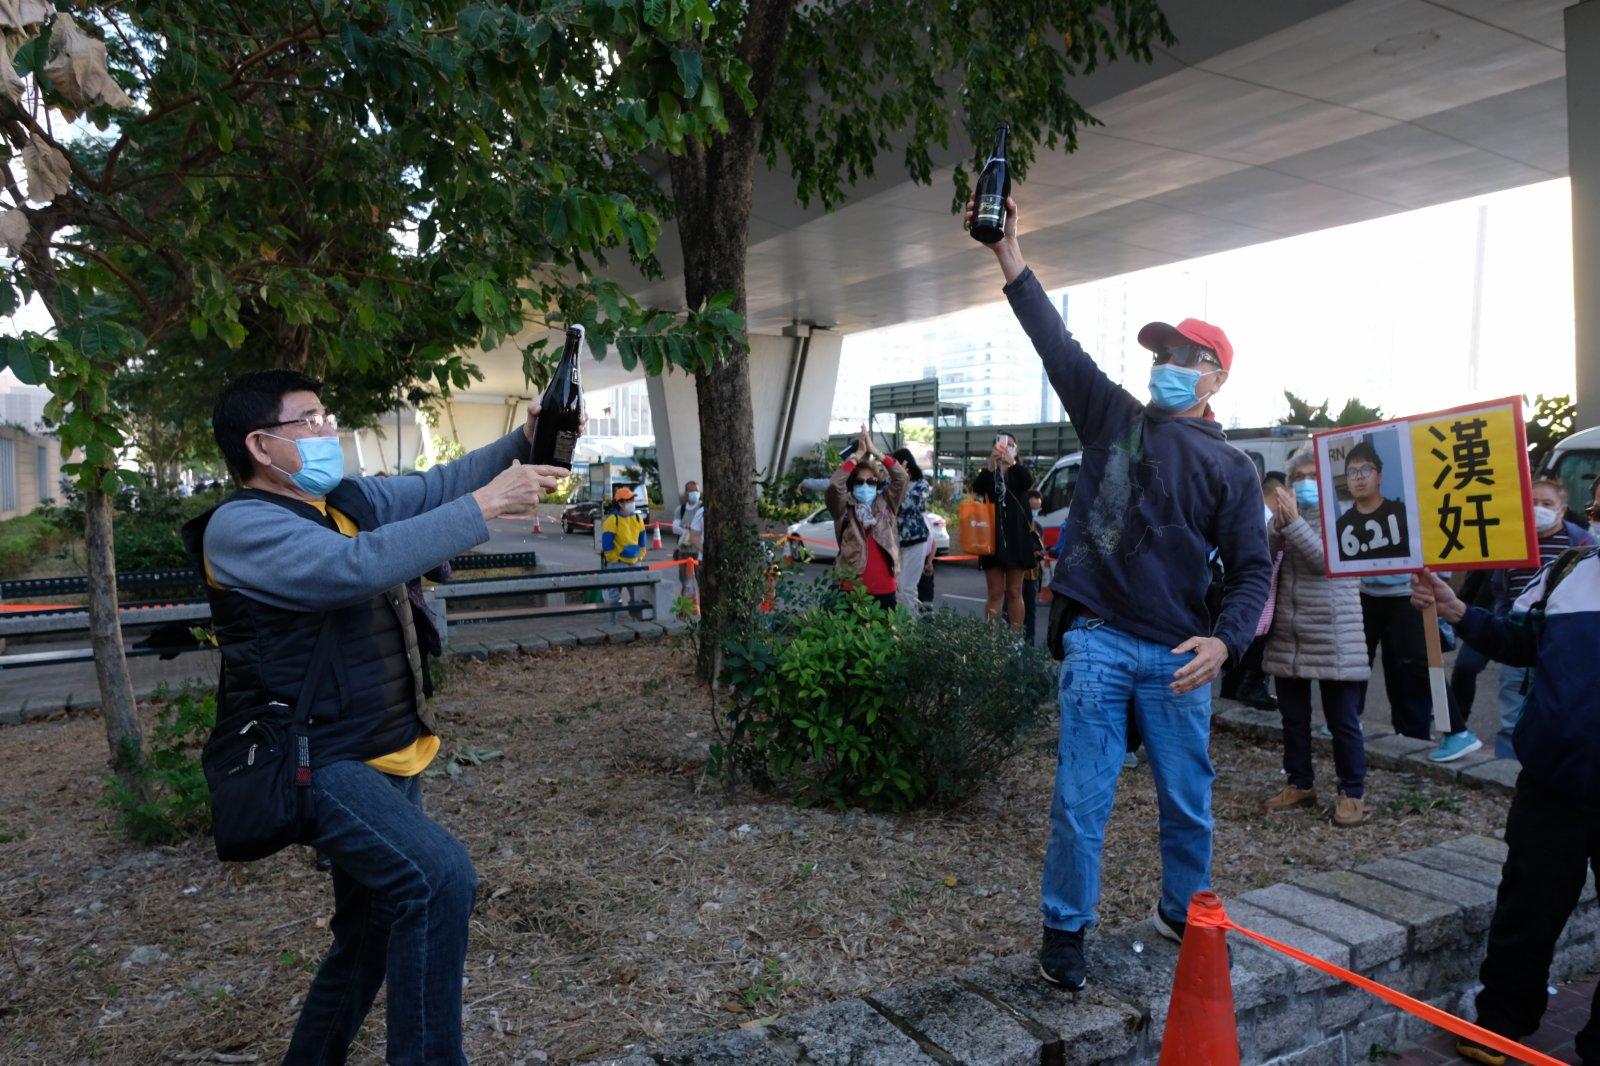 黃之鋒林朗彥周庭包圍警總案分判囚7至13.5個月,市民開香檳慶祝。(大公文匯全媒體記者麥鈞傑 攝)